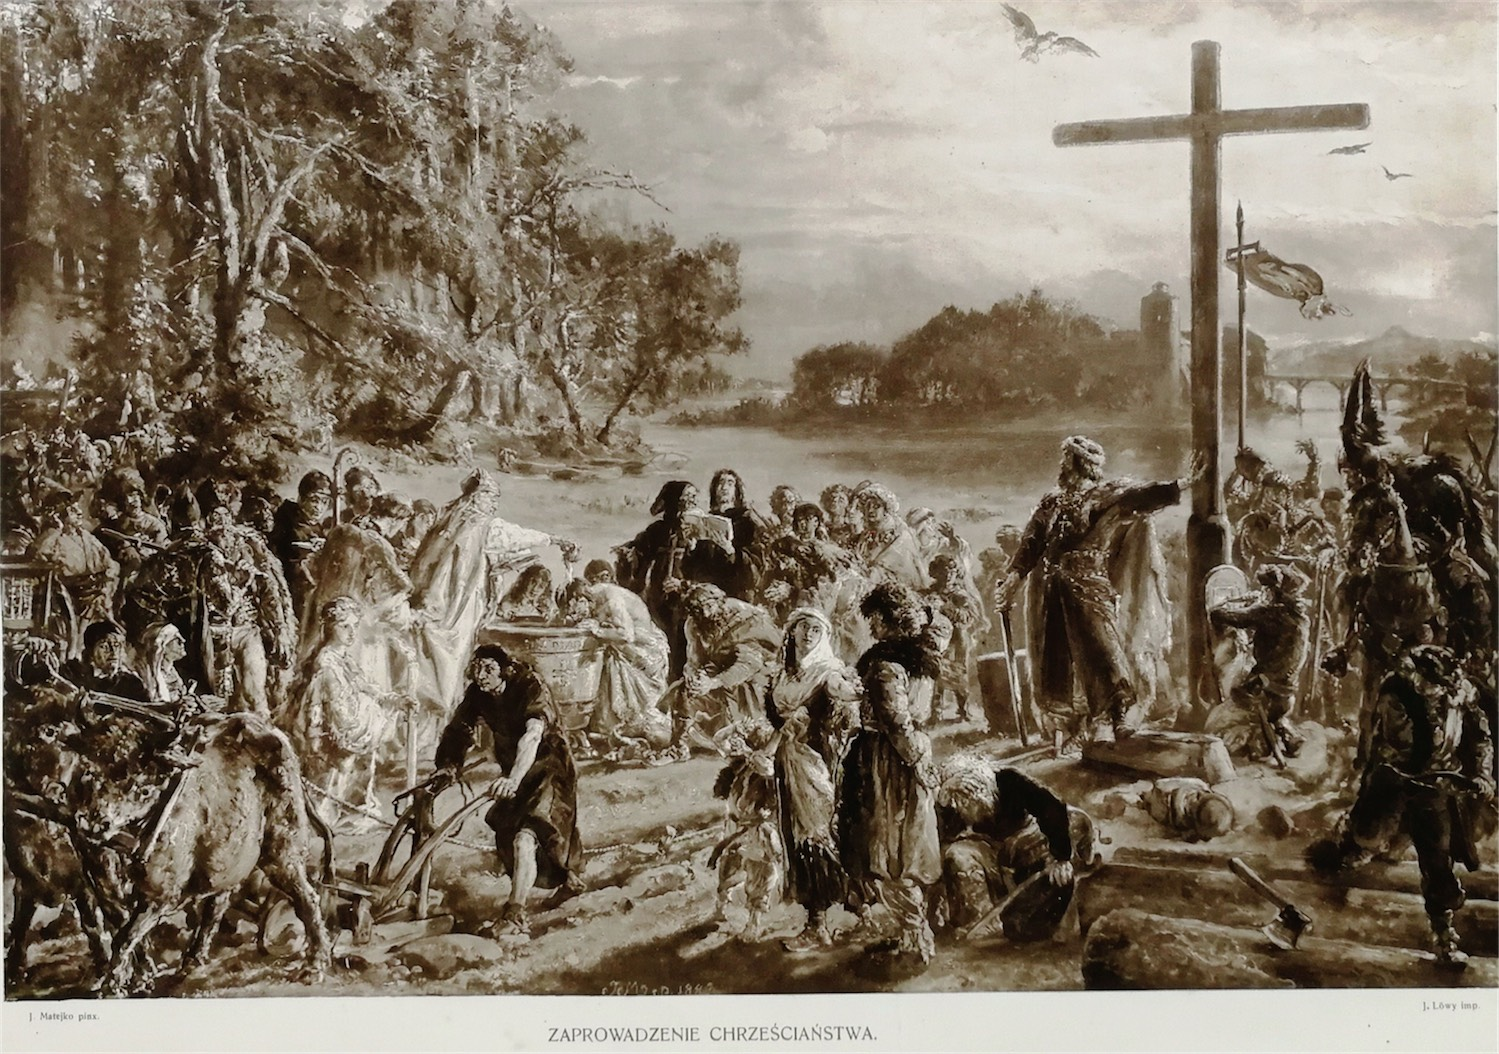 Zaprowadzenie chrześcijaństwa